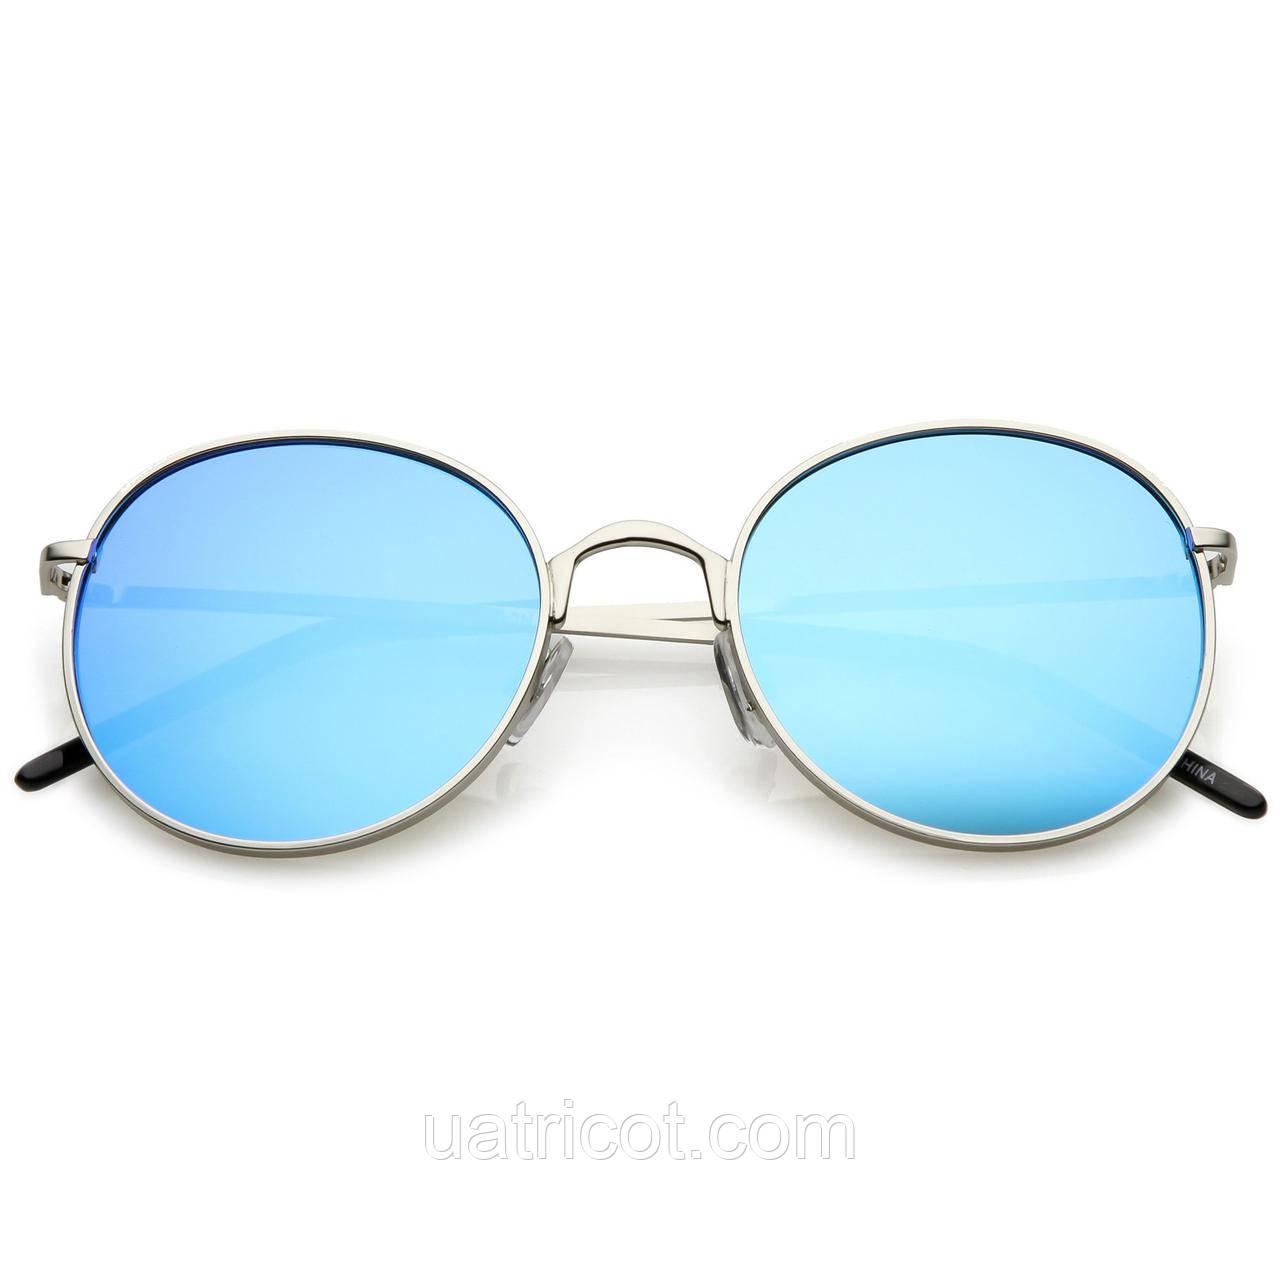 Женские круглые солнцезащитные очки Retro с голубой зеркальной линзой